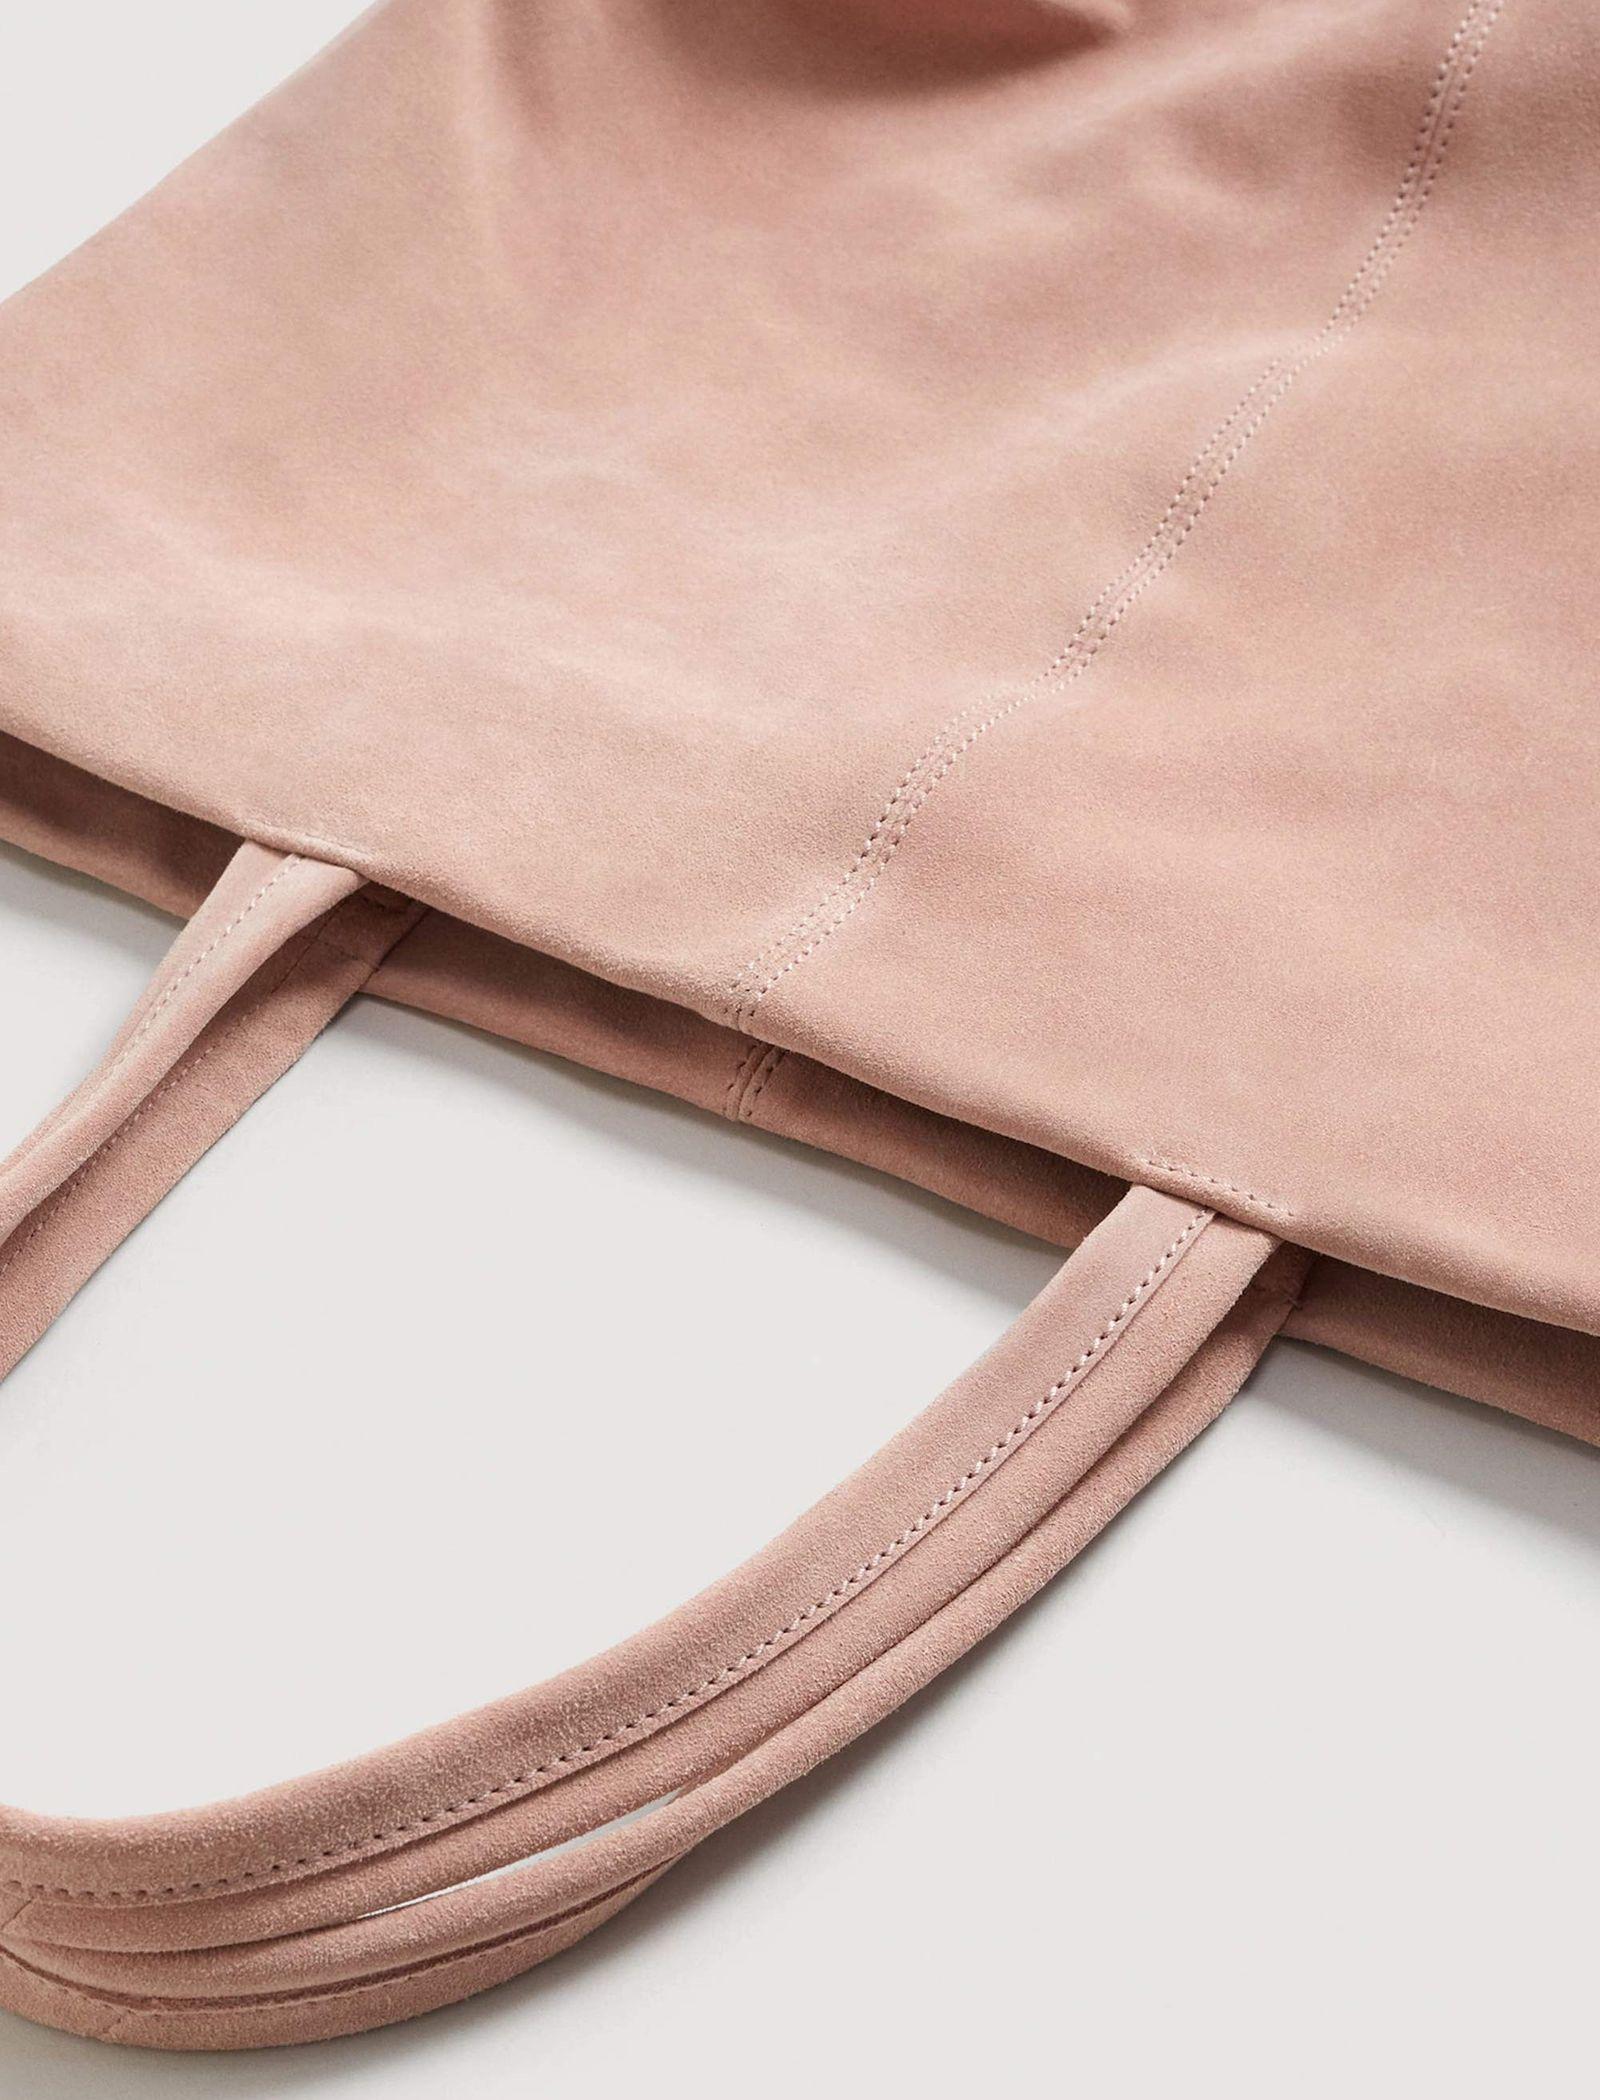 کیف دوشی روزمره زنانه - مانگو - صورتي کم رنگ - 4